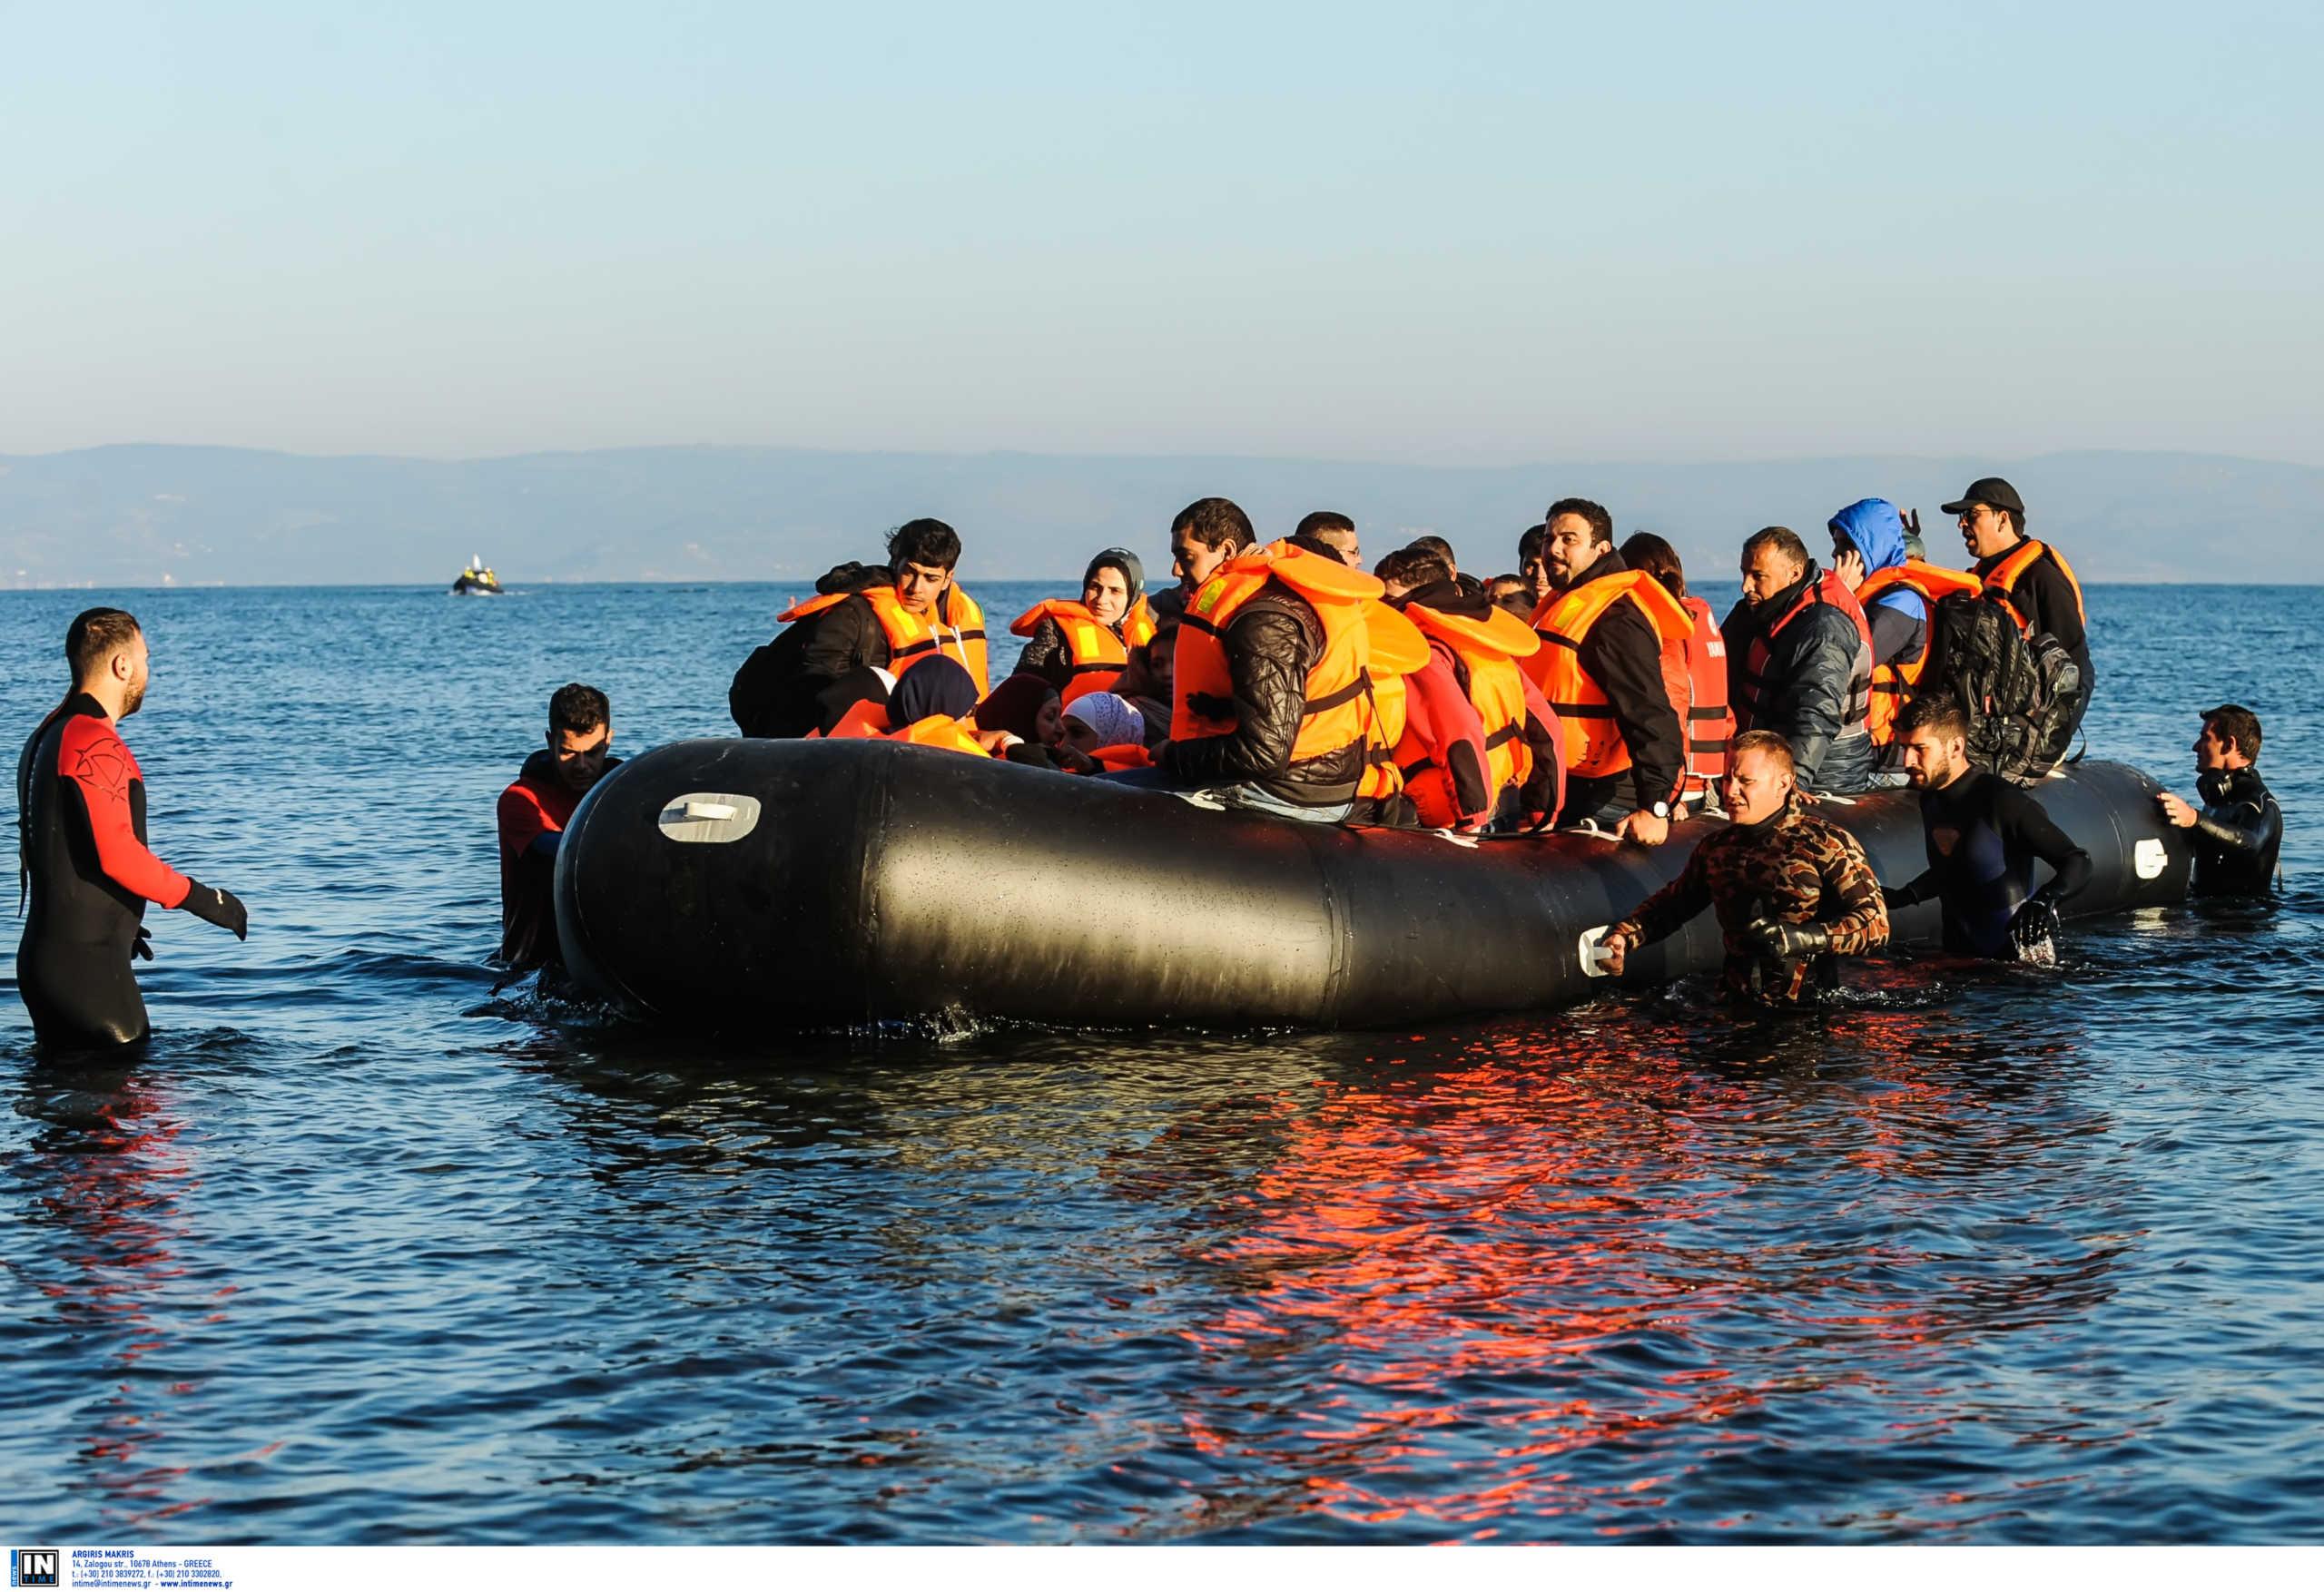 Εξαρθρώθηκε στην Κω κύκλωμα που έφερνε παράνομα από την Τουρκία πρόσφυγες και μετανάστες